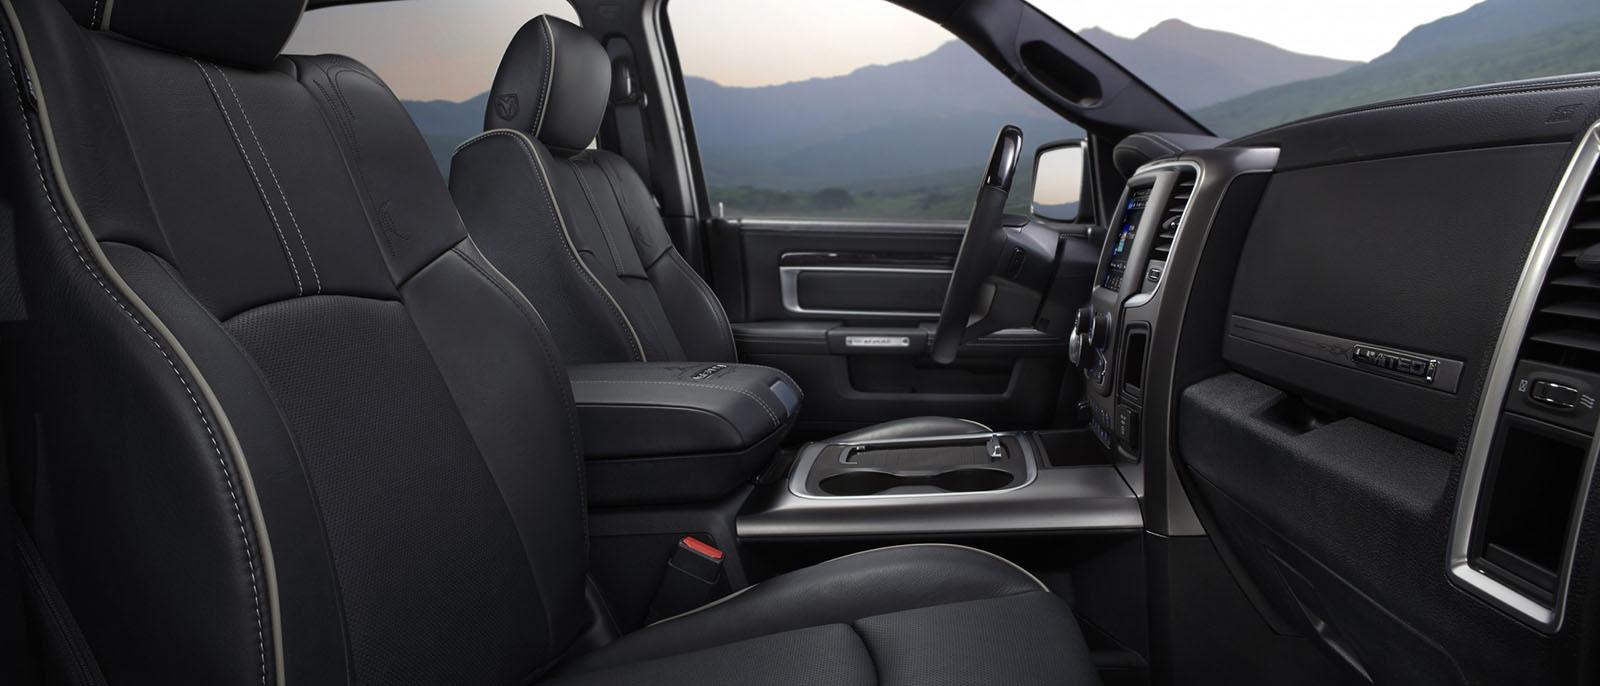 2017 Ram 1500 CA Interior